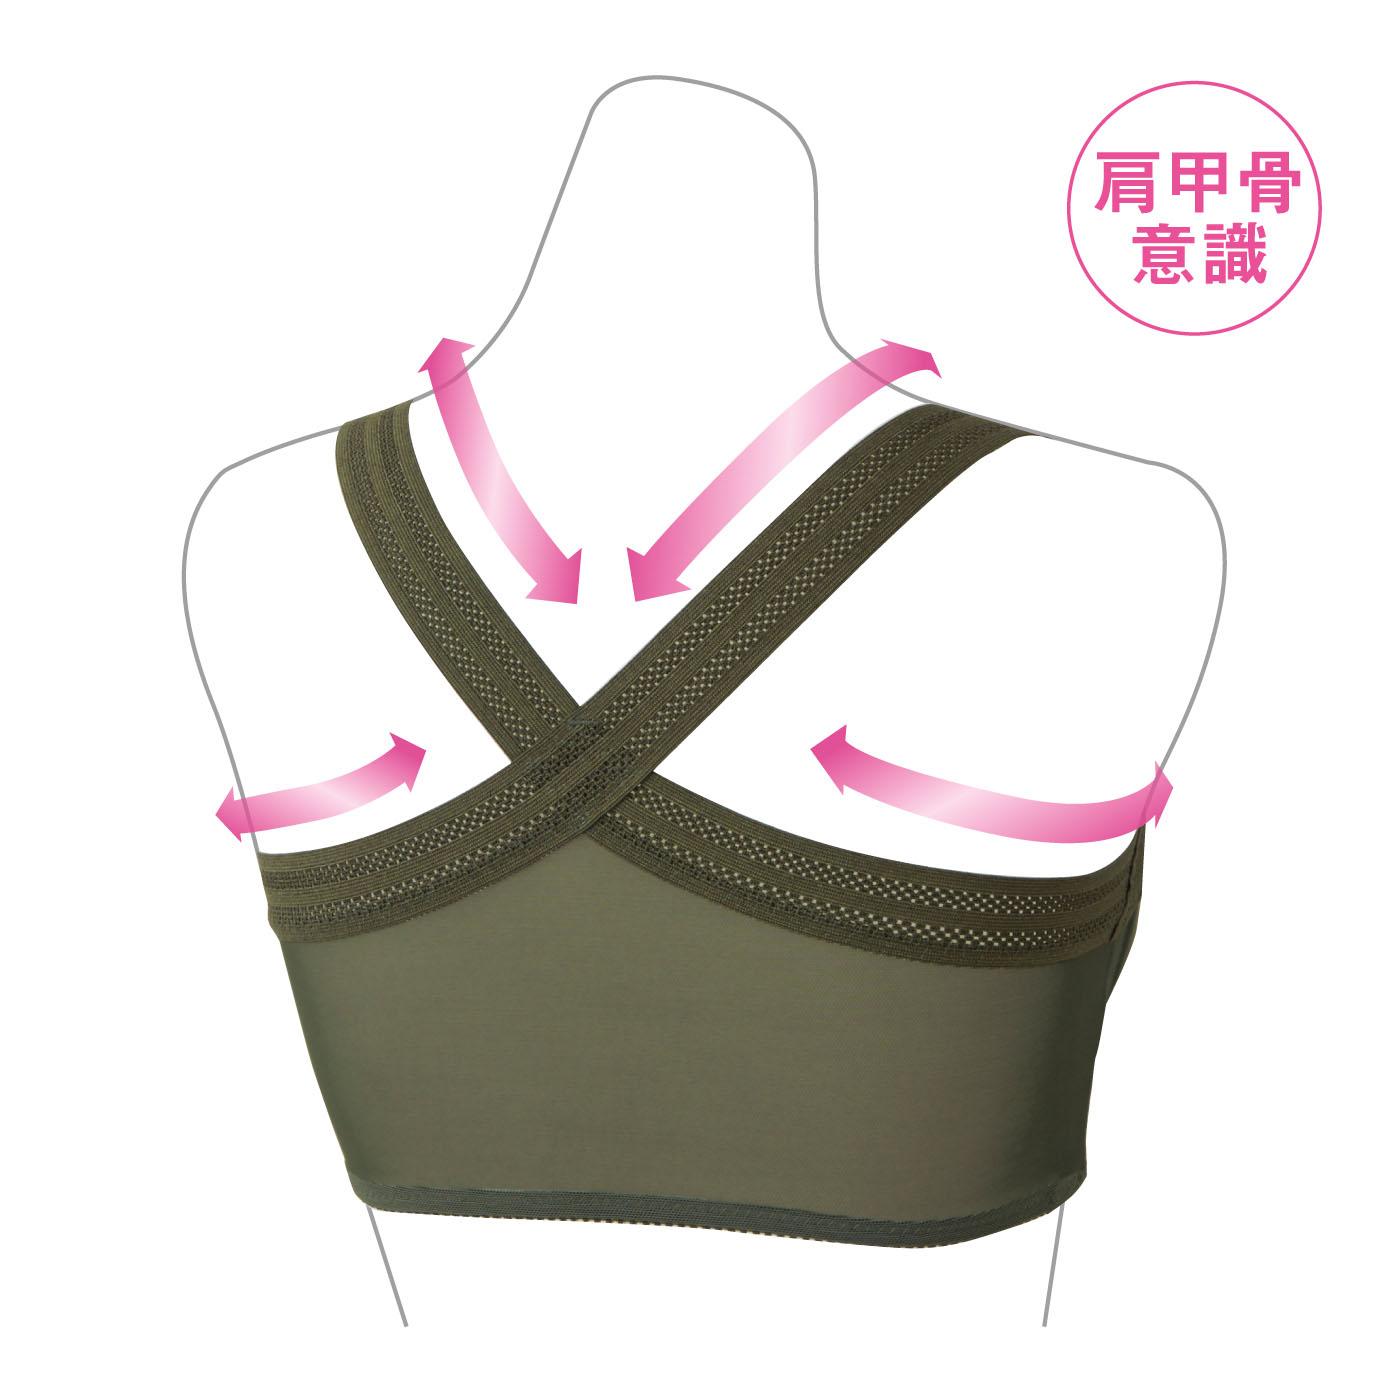 たすきのように両腕から「∞」の字で支えるストラップのチカラで、肩甲骨を意識しながら胸を広げて背筋のびのび。幅広パワーネットが背中全体を支えて、安定感も抜群です。